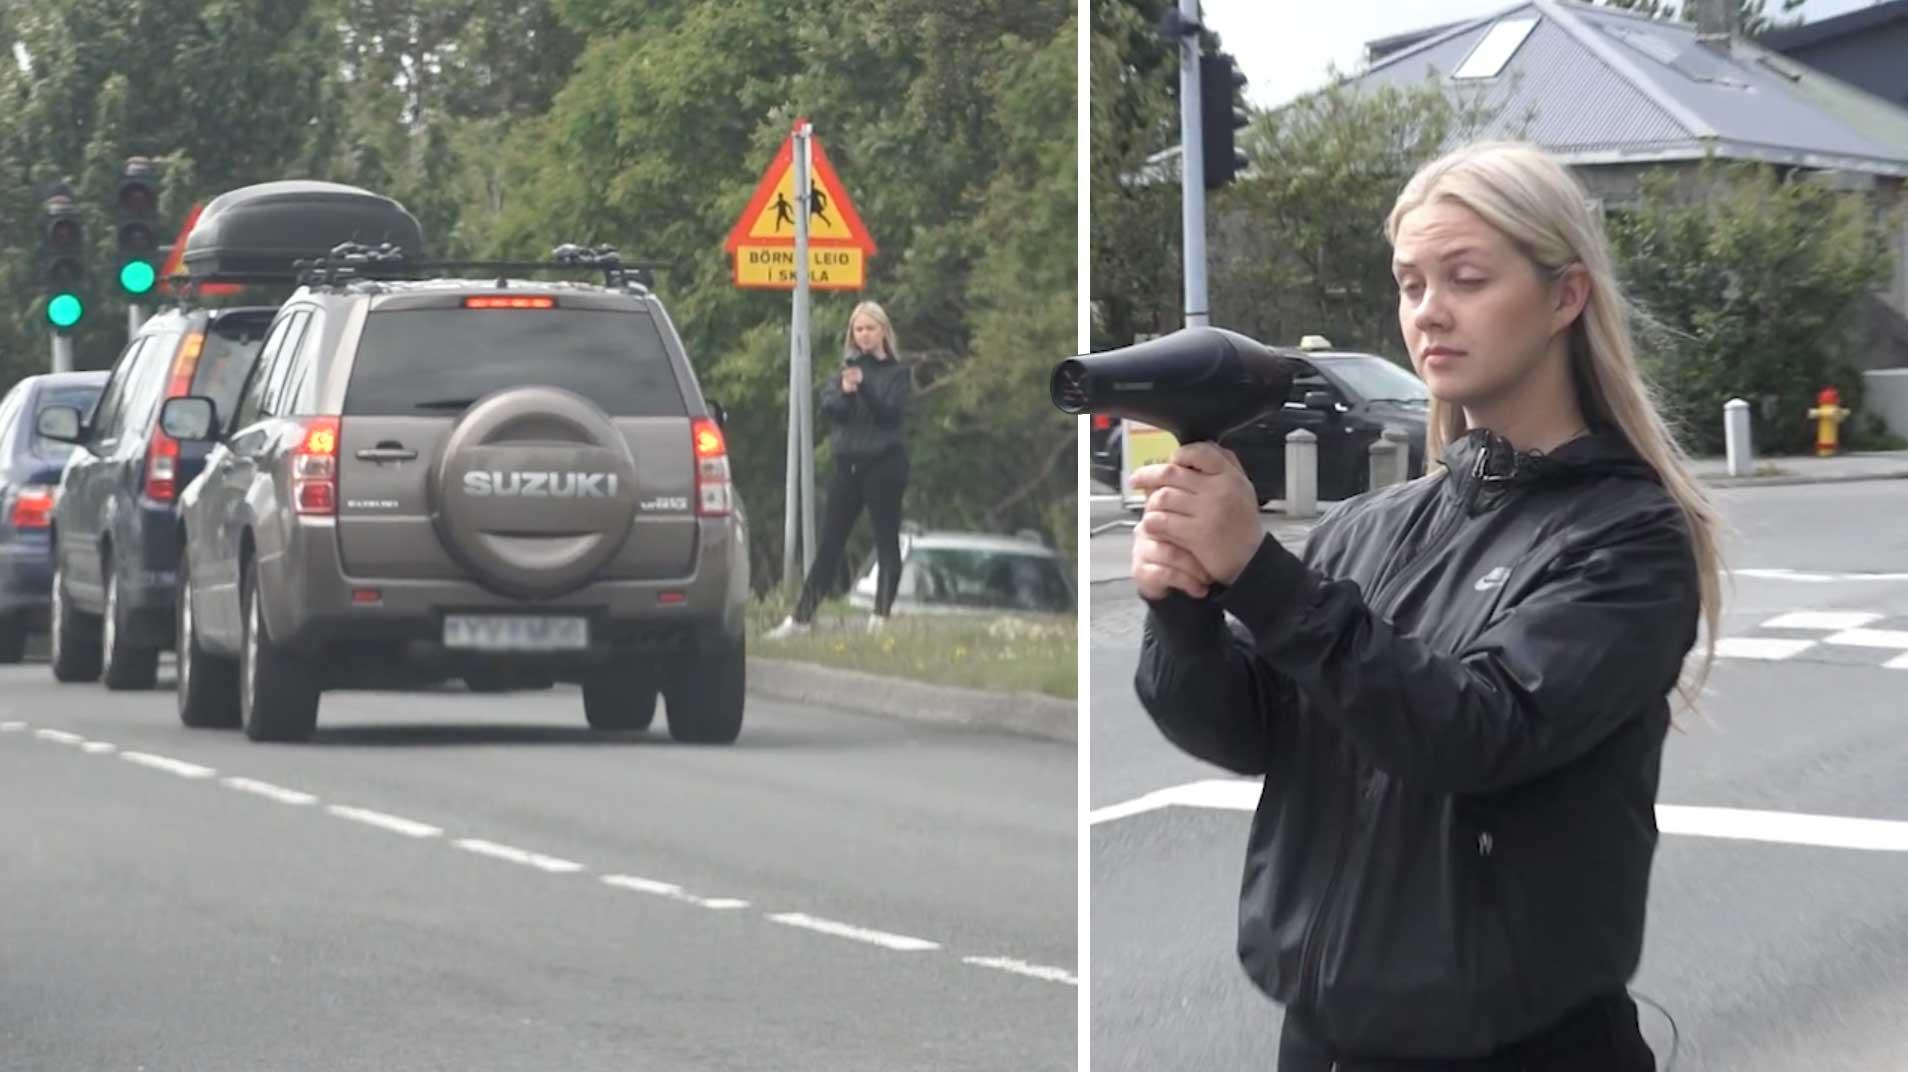 Er hægt að hægja á bílaumferð í Reykjavík með hárblásara? Sjáðu myndbandið